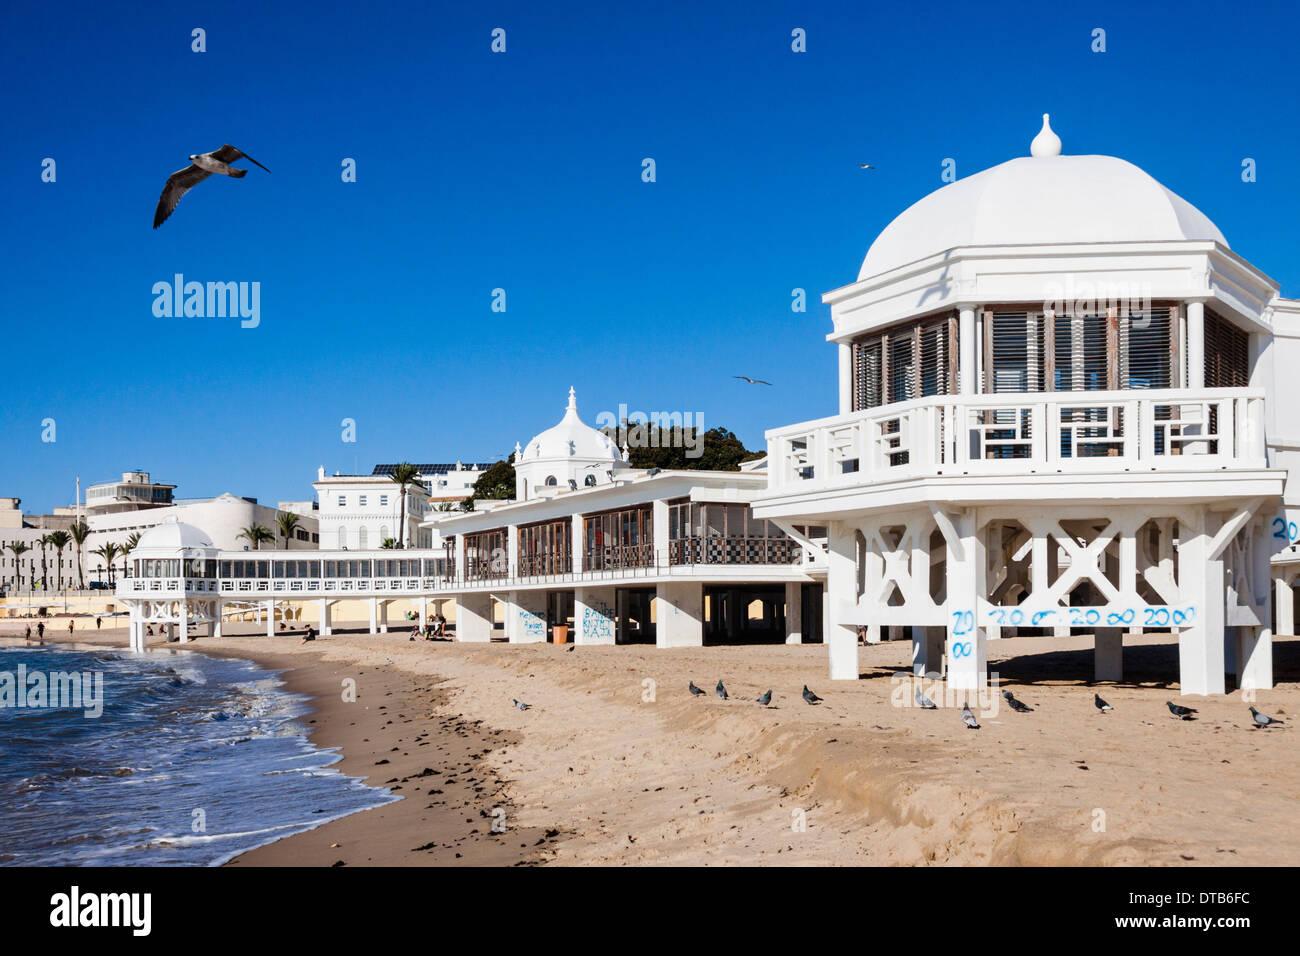 Ancienne station thermale (spa) à la plage de La Caleta, Cadix, Andalousie, Espagne Banque D'Images